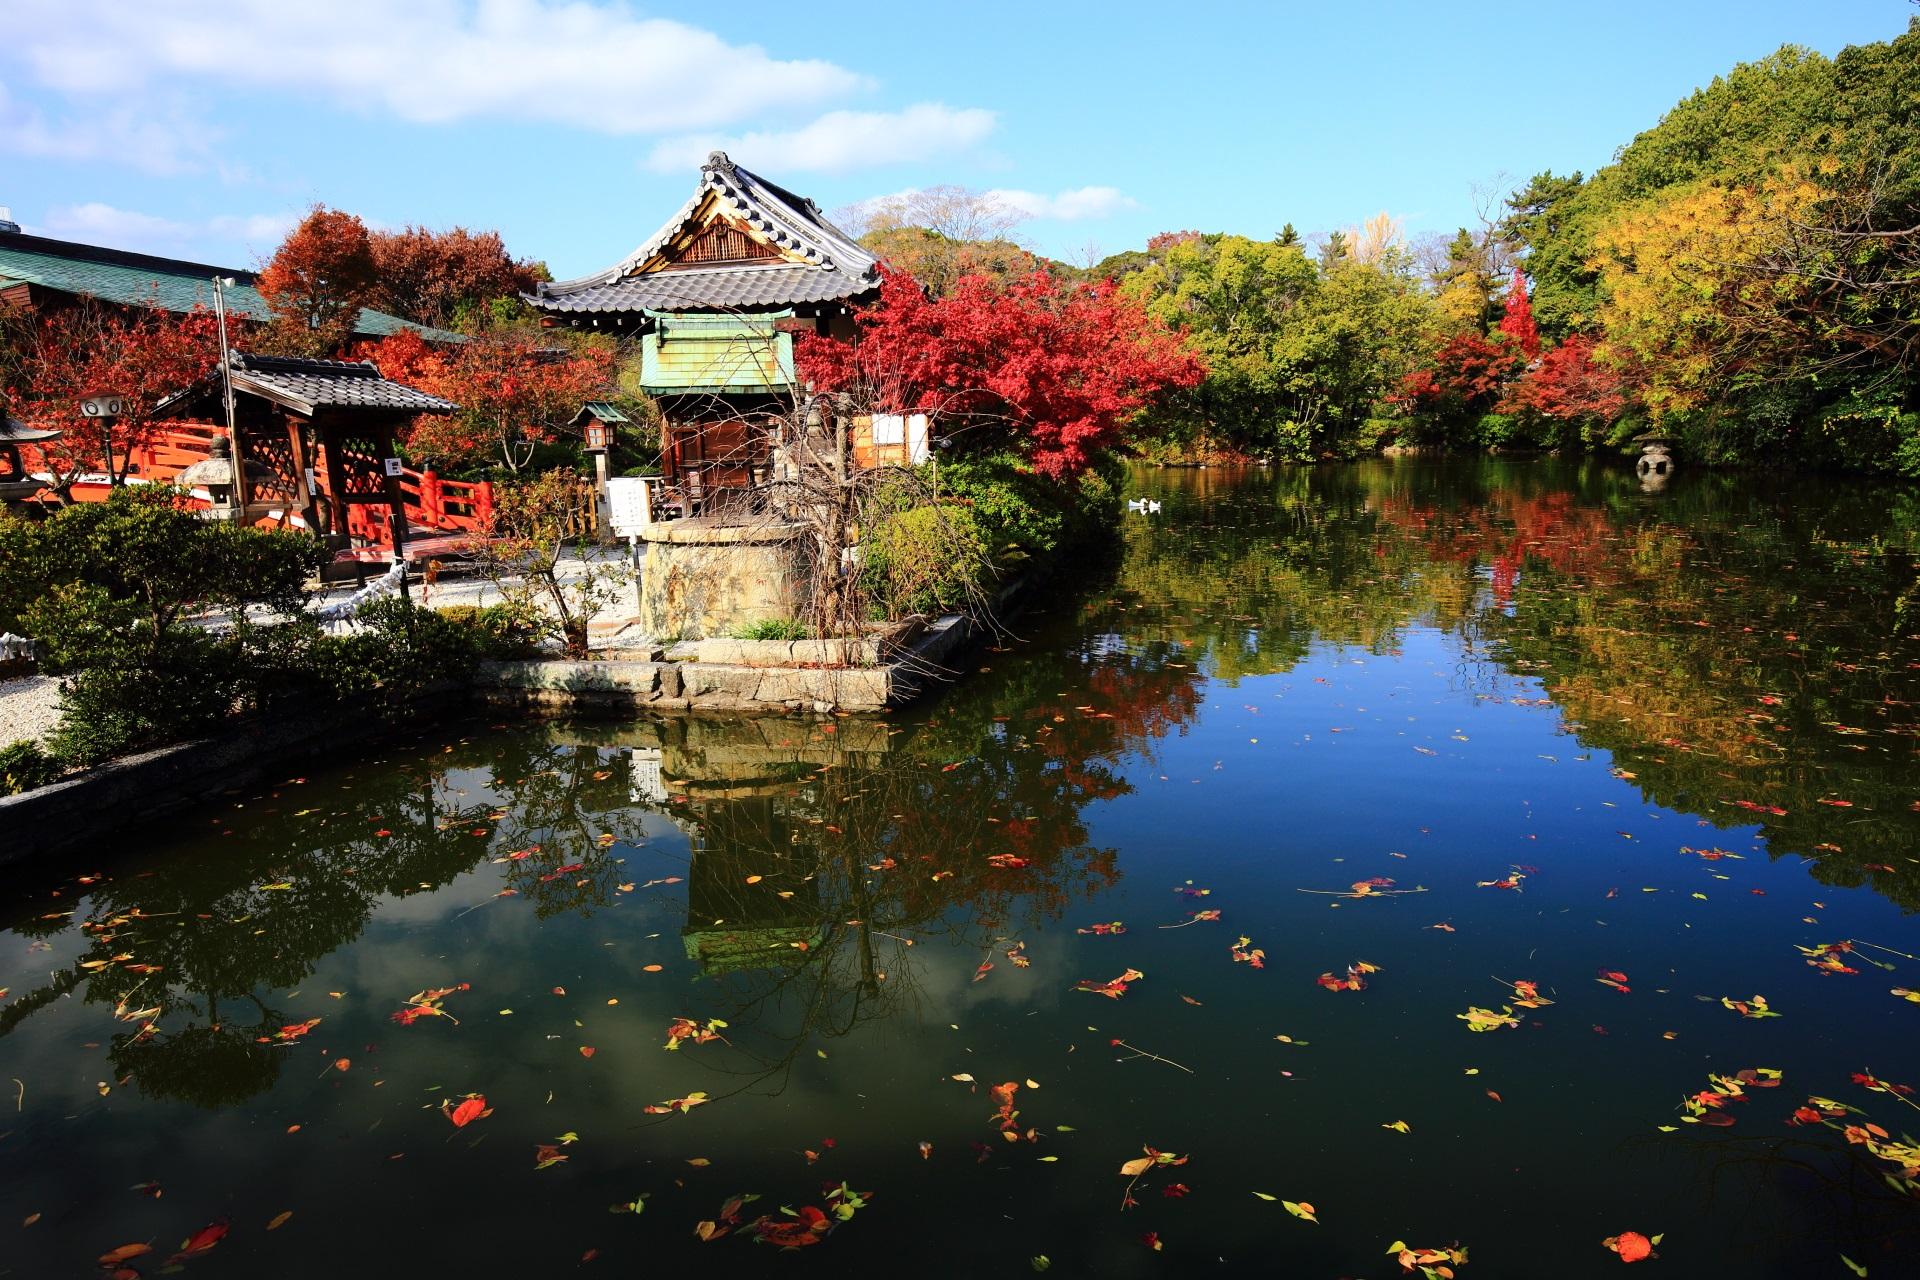 神泉苑 紅葉 洛中の鮮やかな紅葉と秋色の水鏡